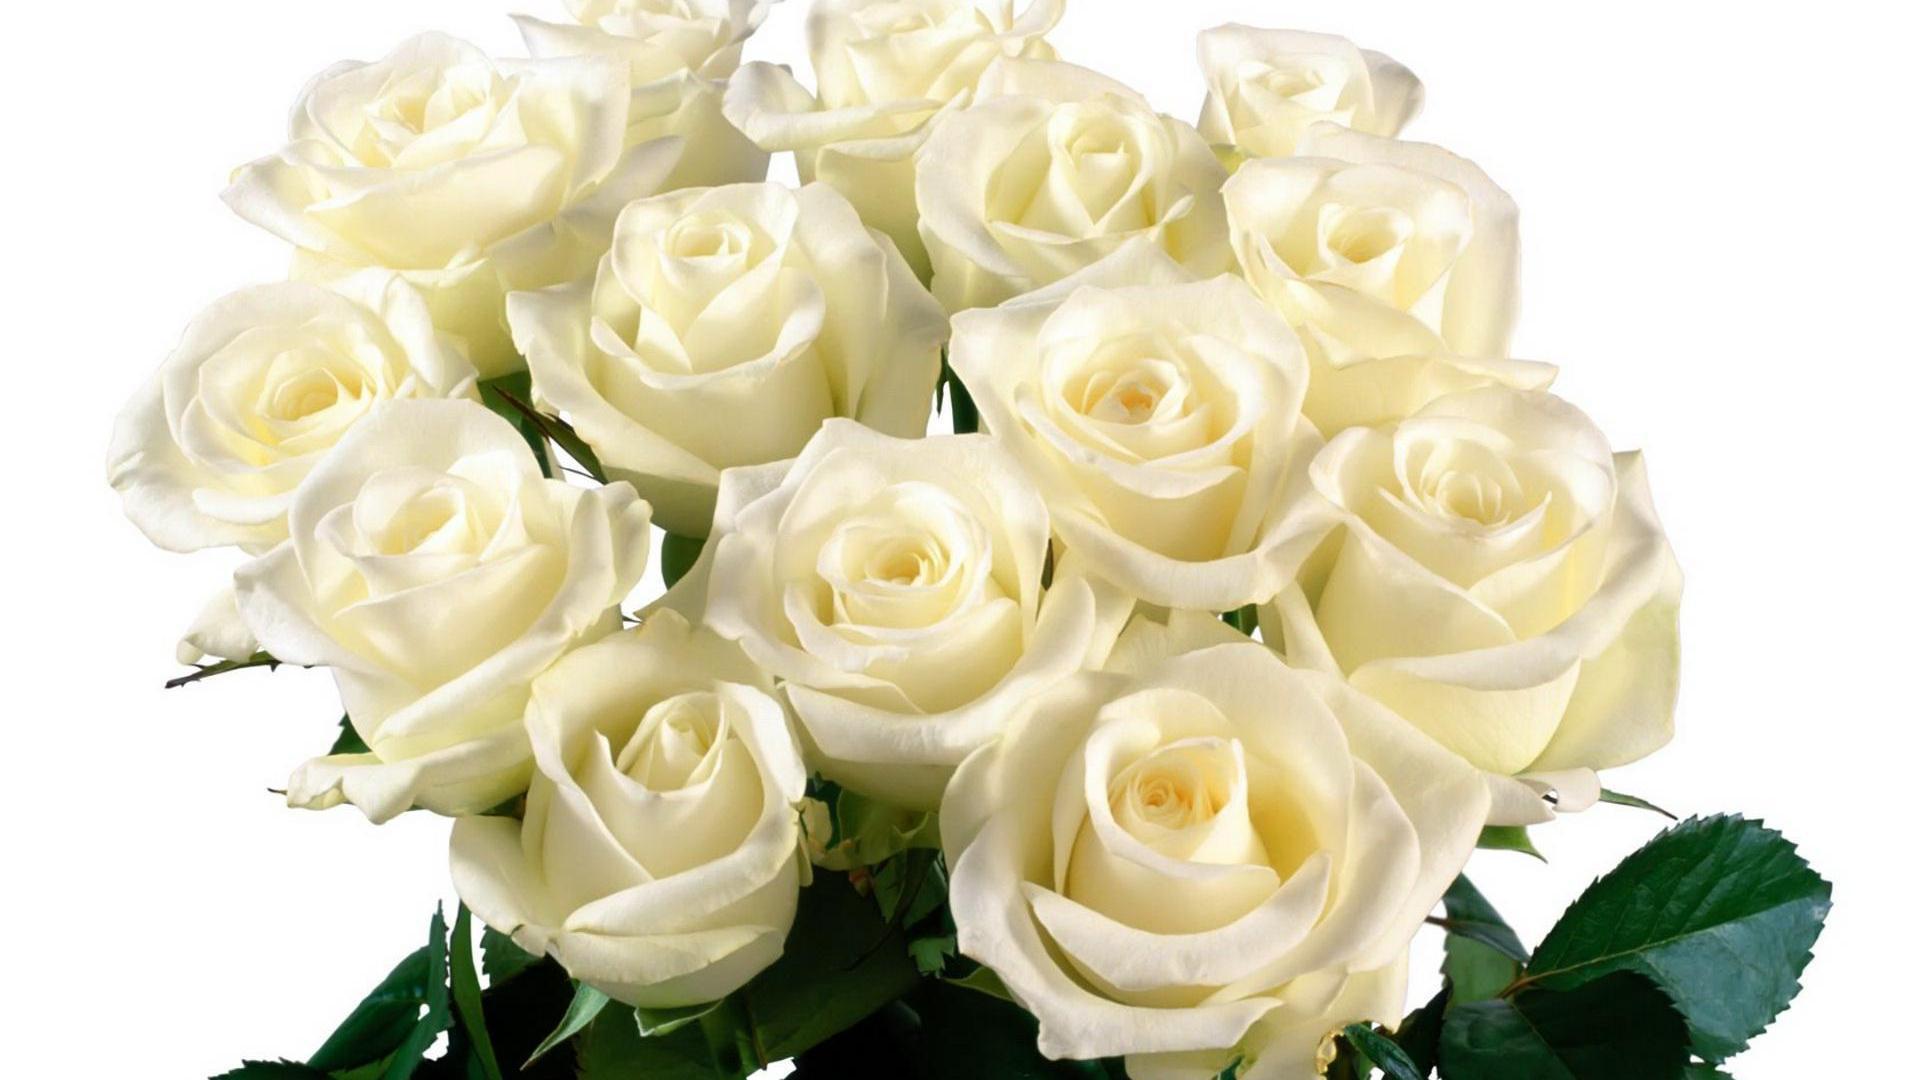 bloomed white roses wallpaper - photo #43